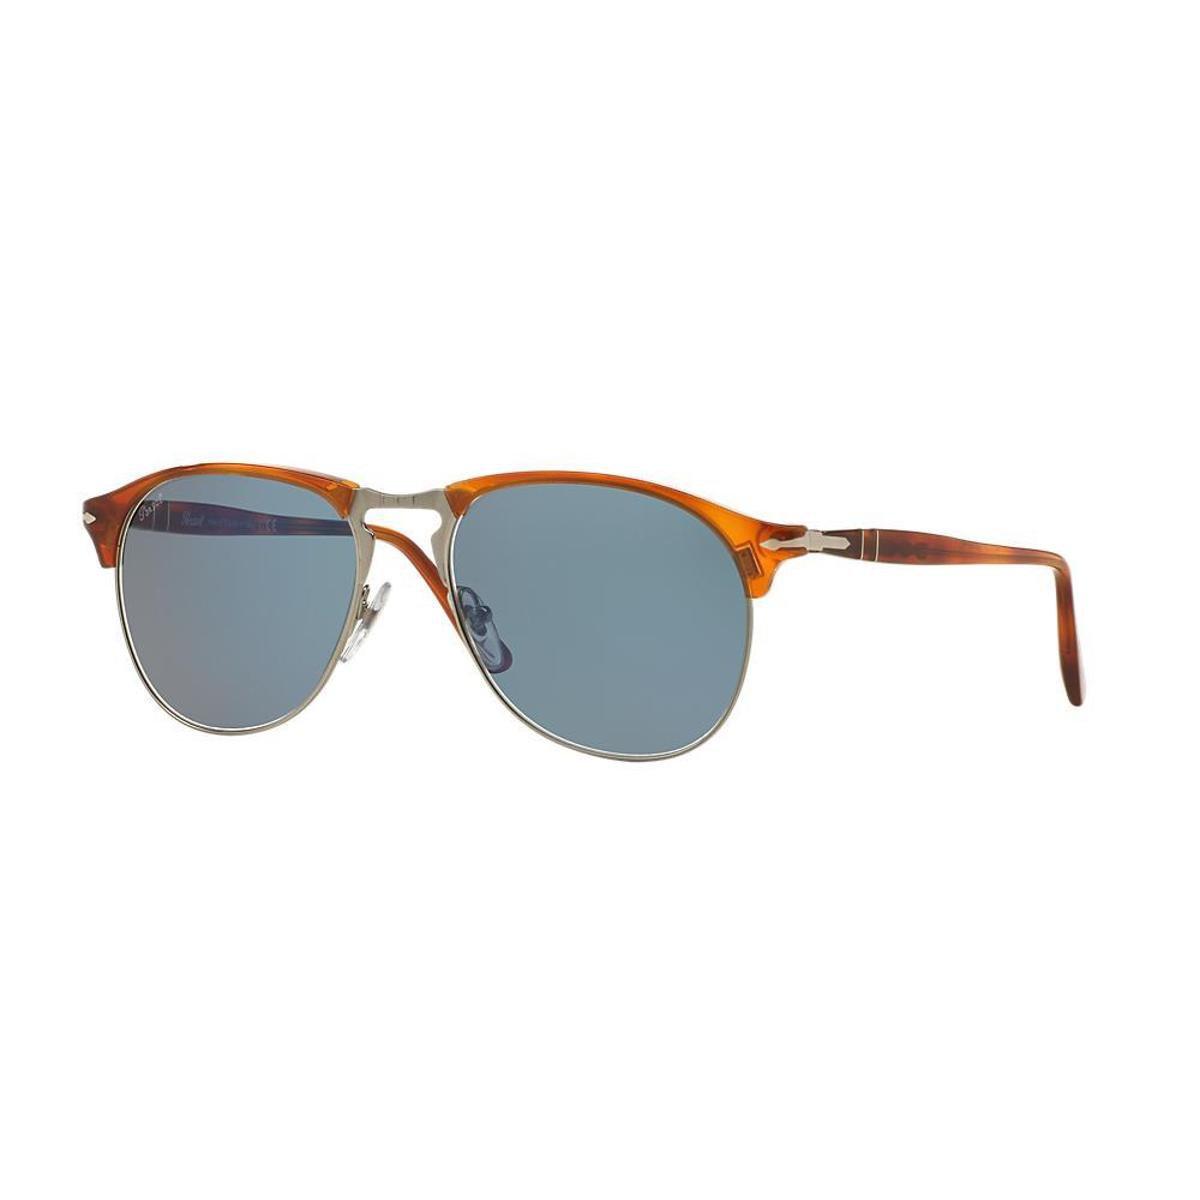 Óculos de Sol Persol Piloto PO8649S Masculino - Cinza - Compre Agora ... 21a1f62be5